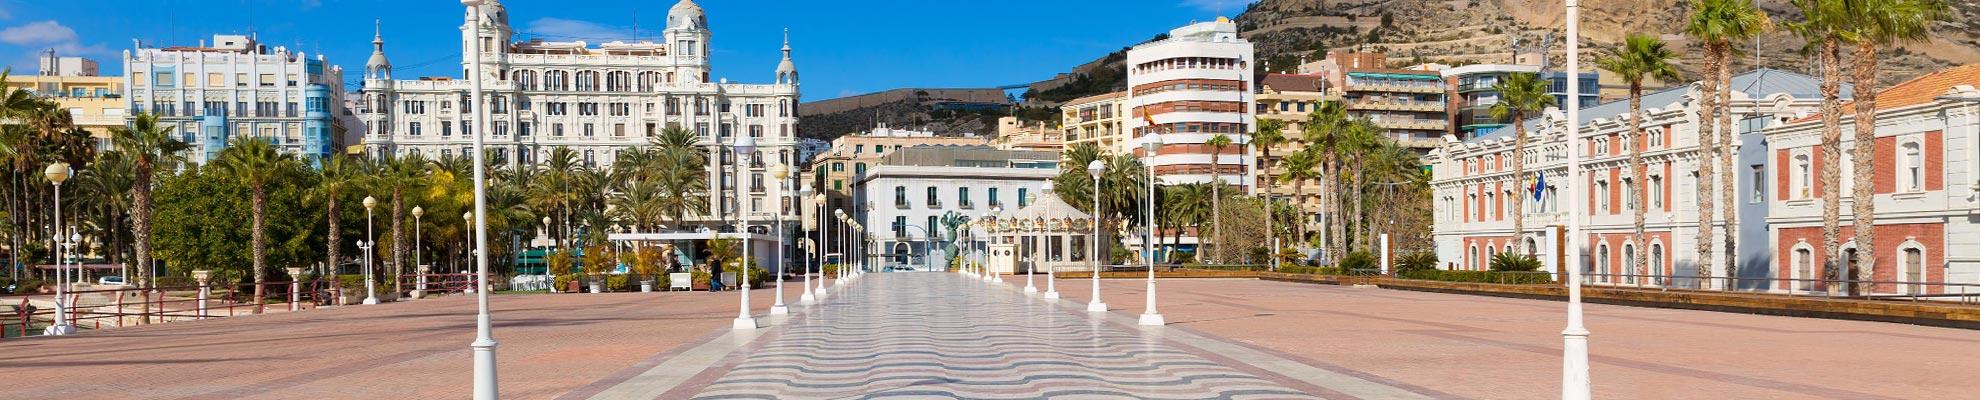 Блог пользователя  VicenteShafe: Удобная  Аренда Недвижимости на Побережье  Средиземного Моря .